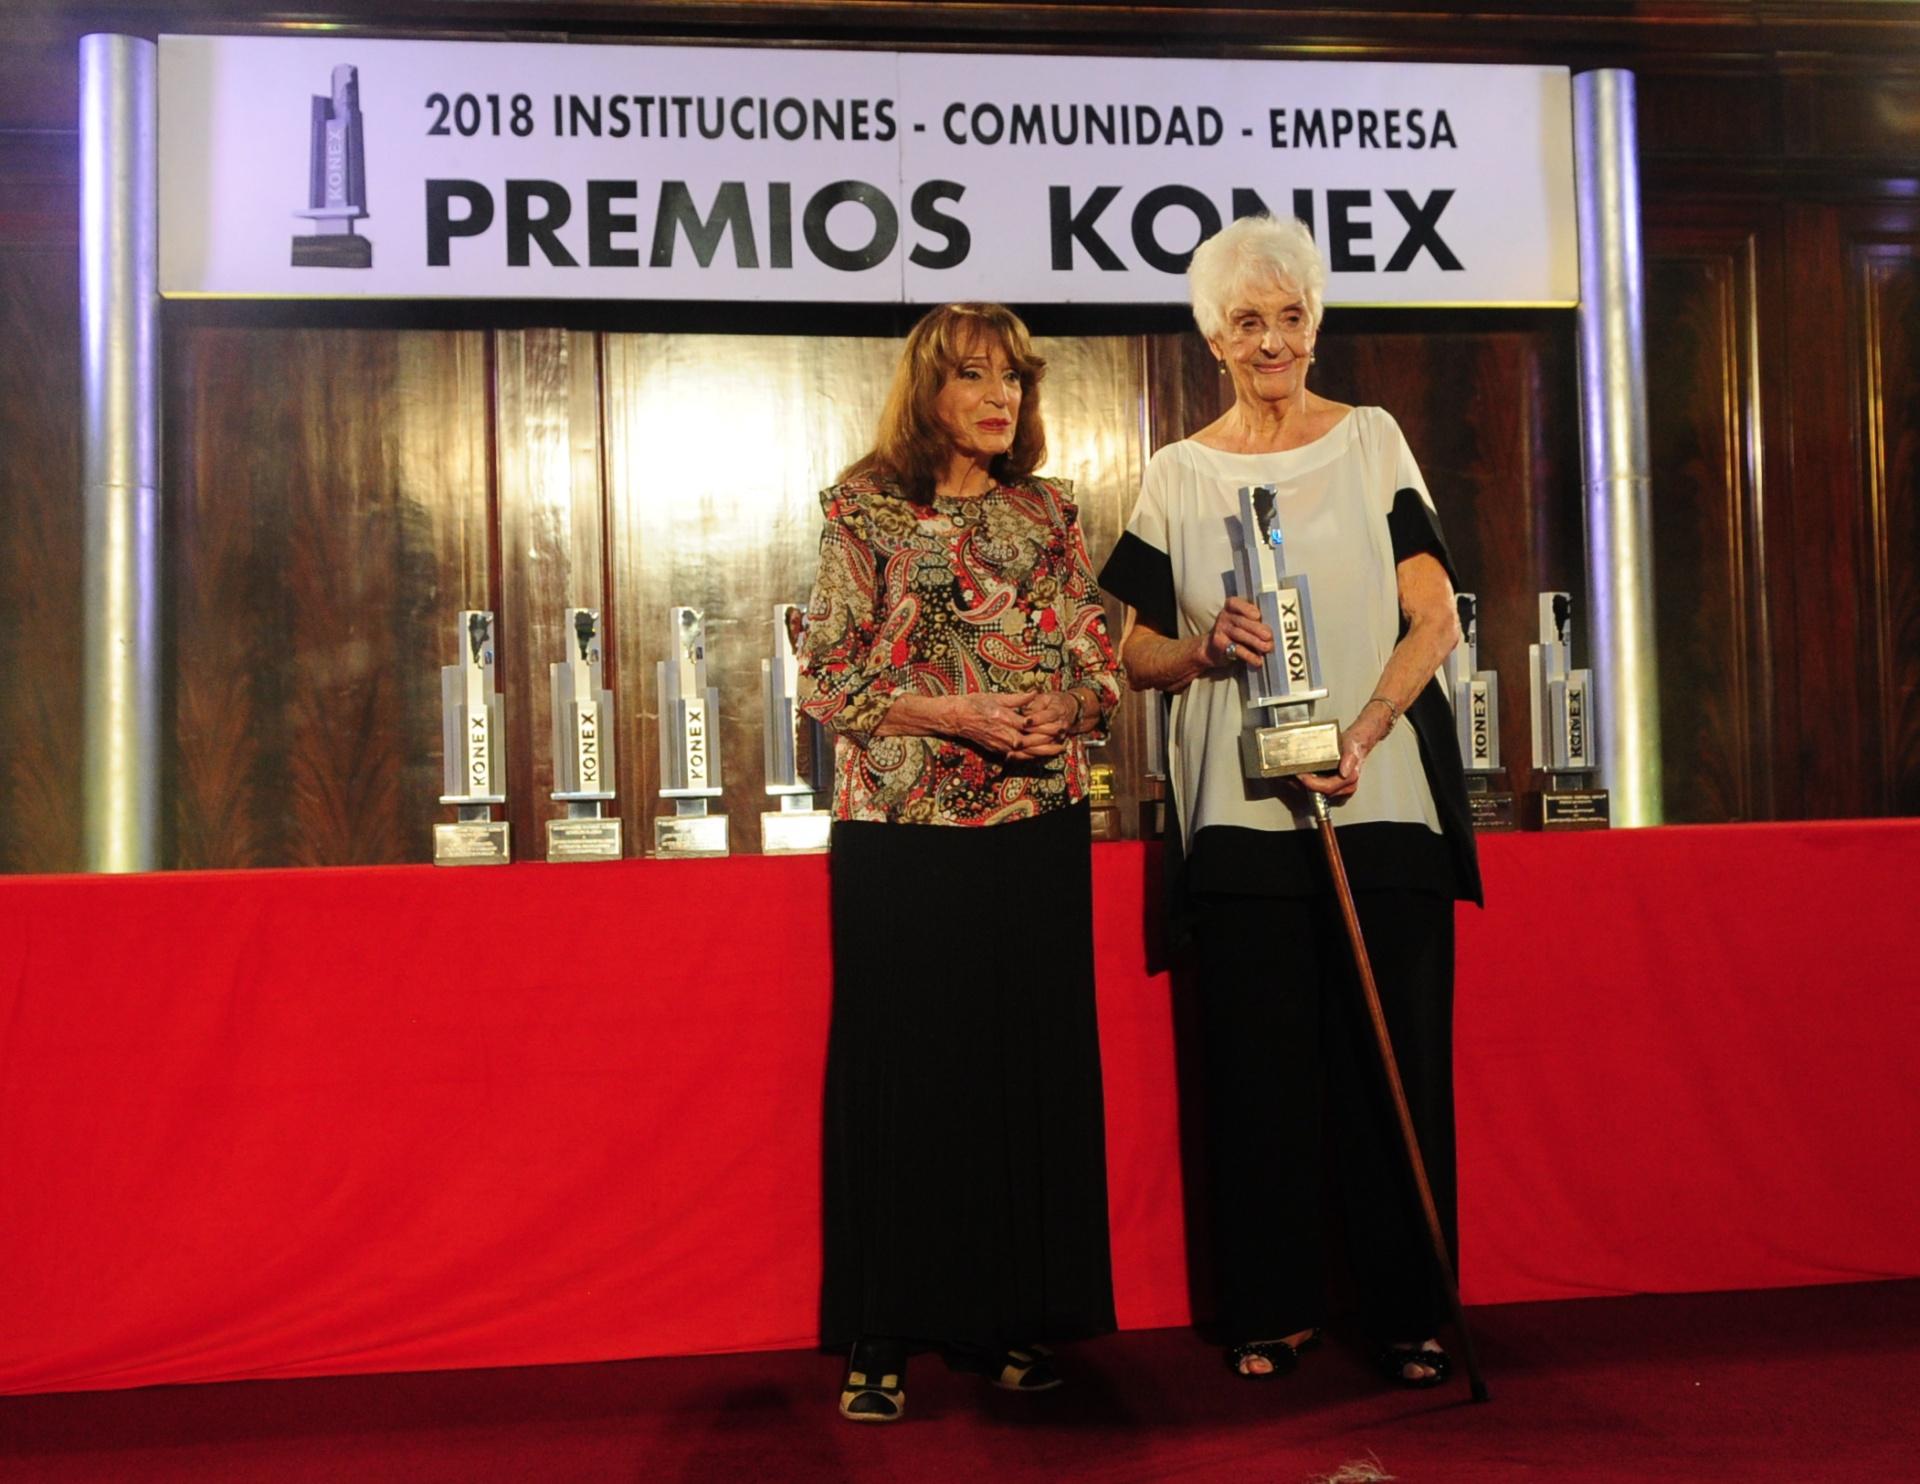 Graciela Fernández Meijide recibió el Konex de Platino en la disciplina Dirigentes Sociales. El Premio fue entregado por Magdalena Ruiz Guiñazú